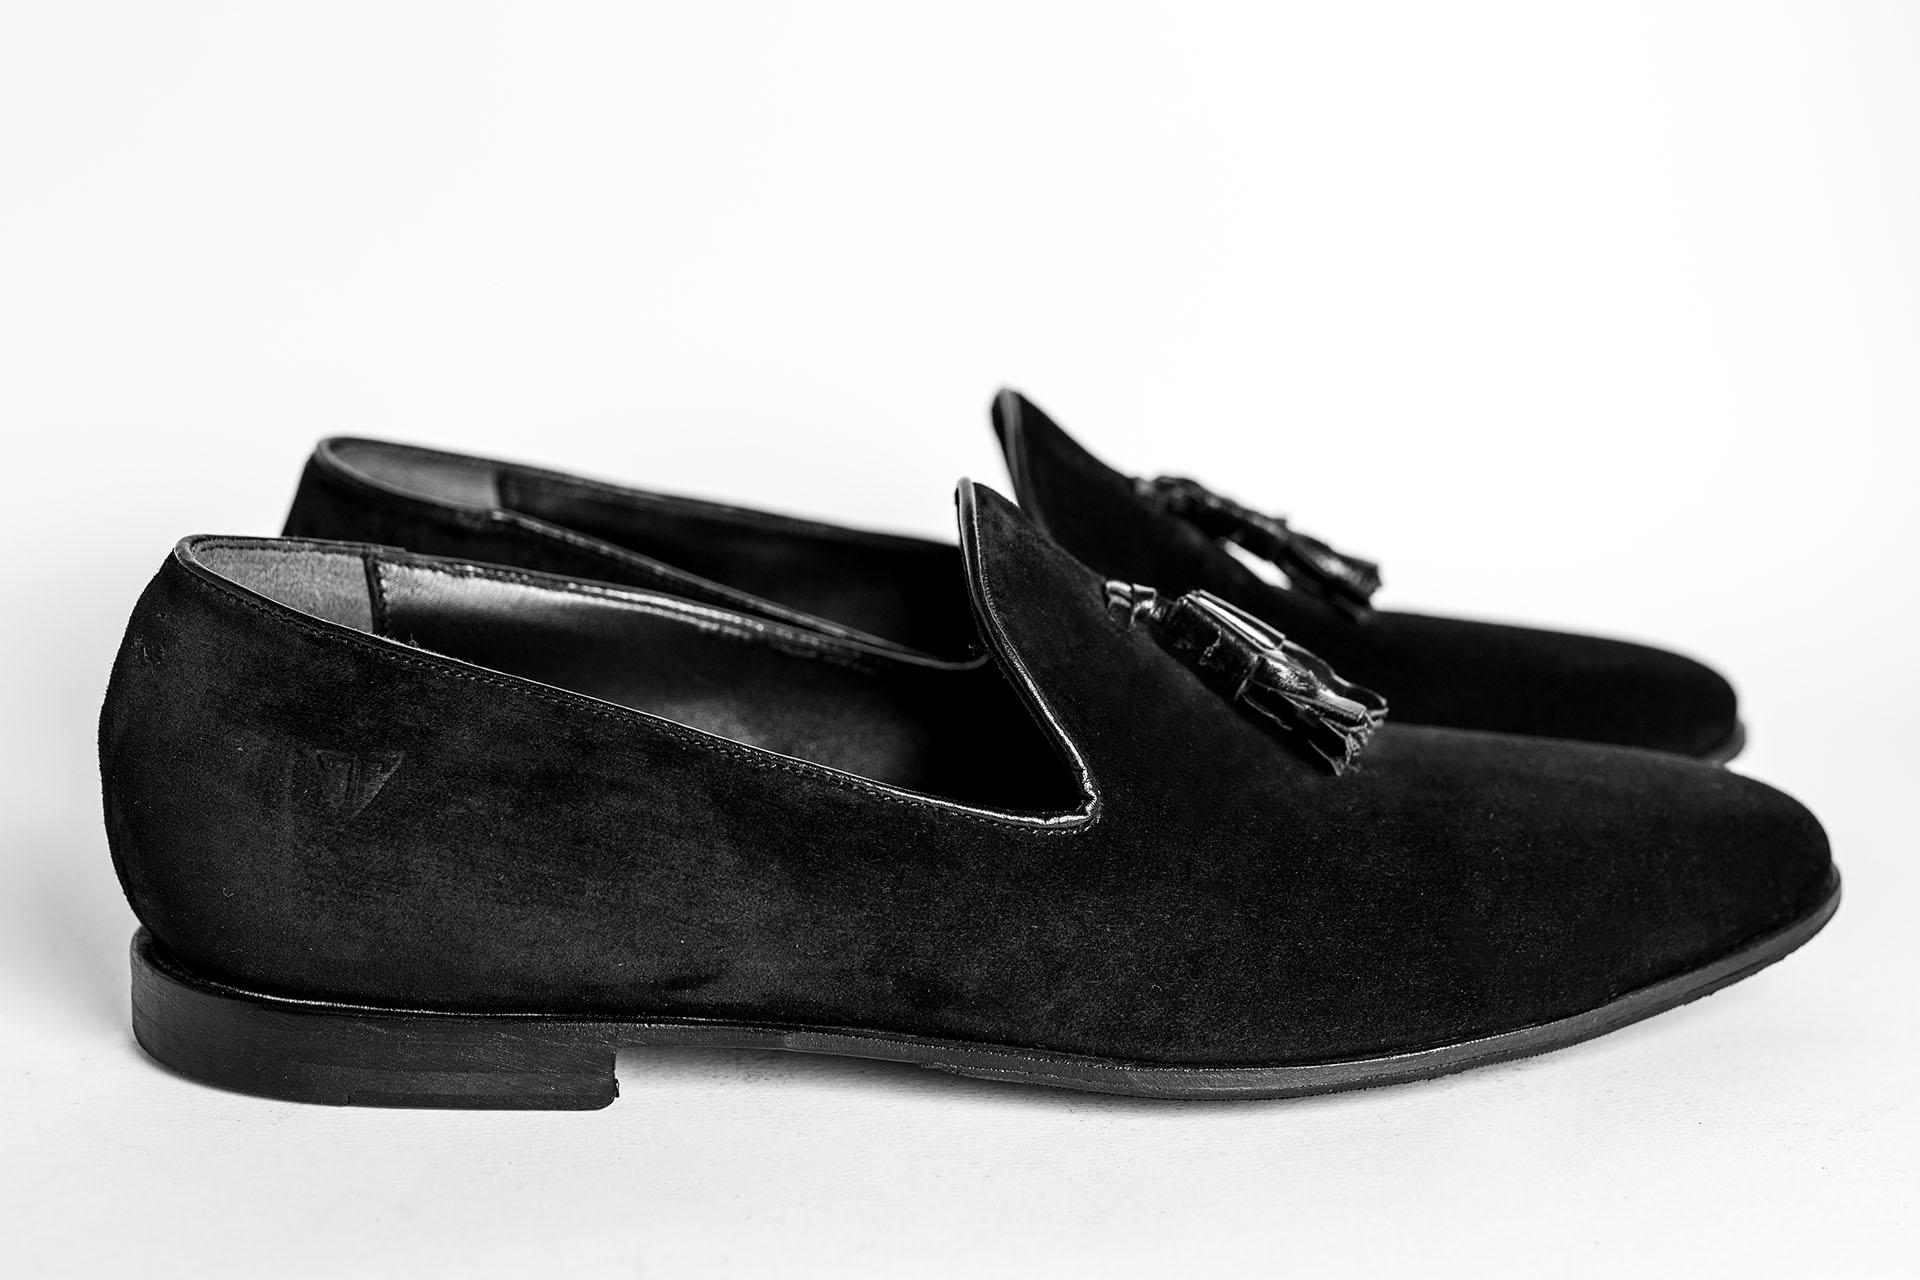 Pantofola-camoscio-nero-A1